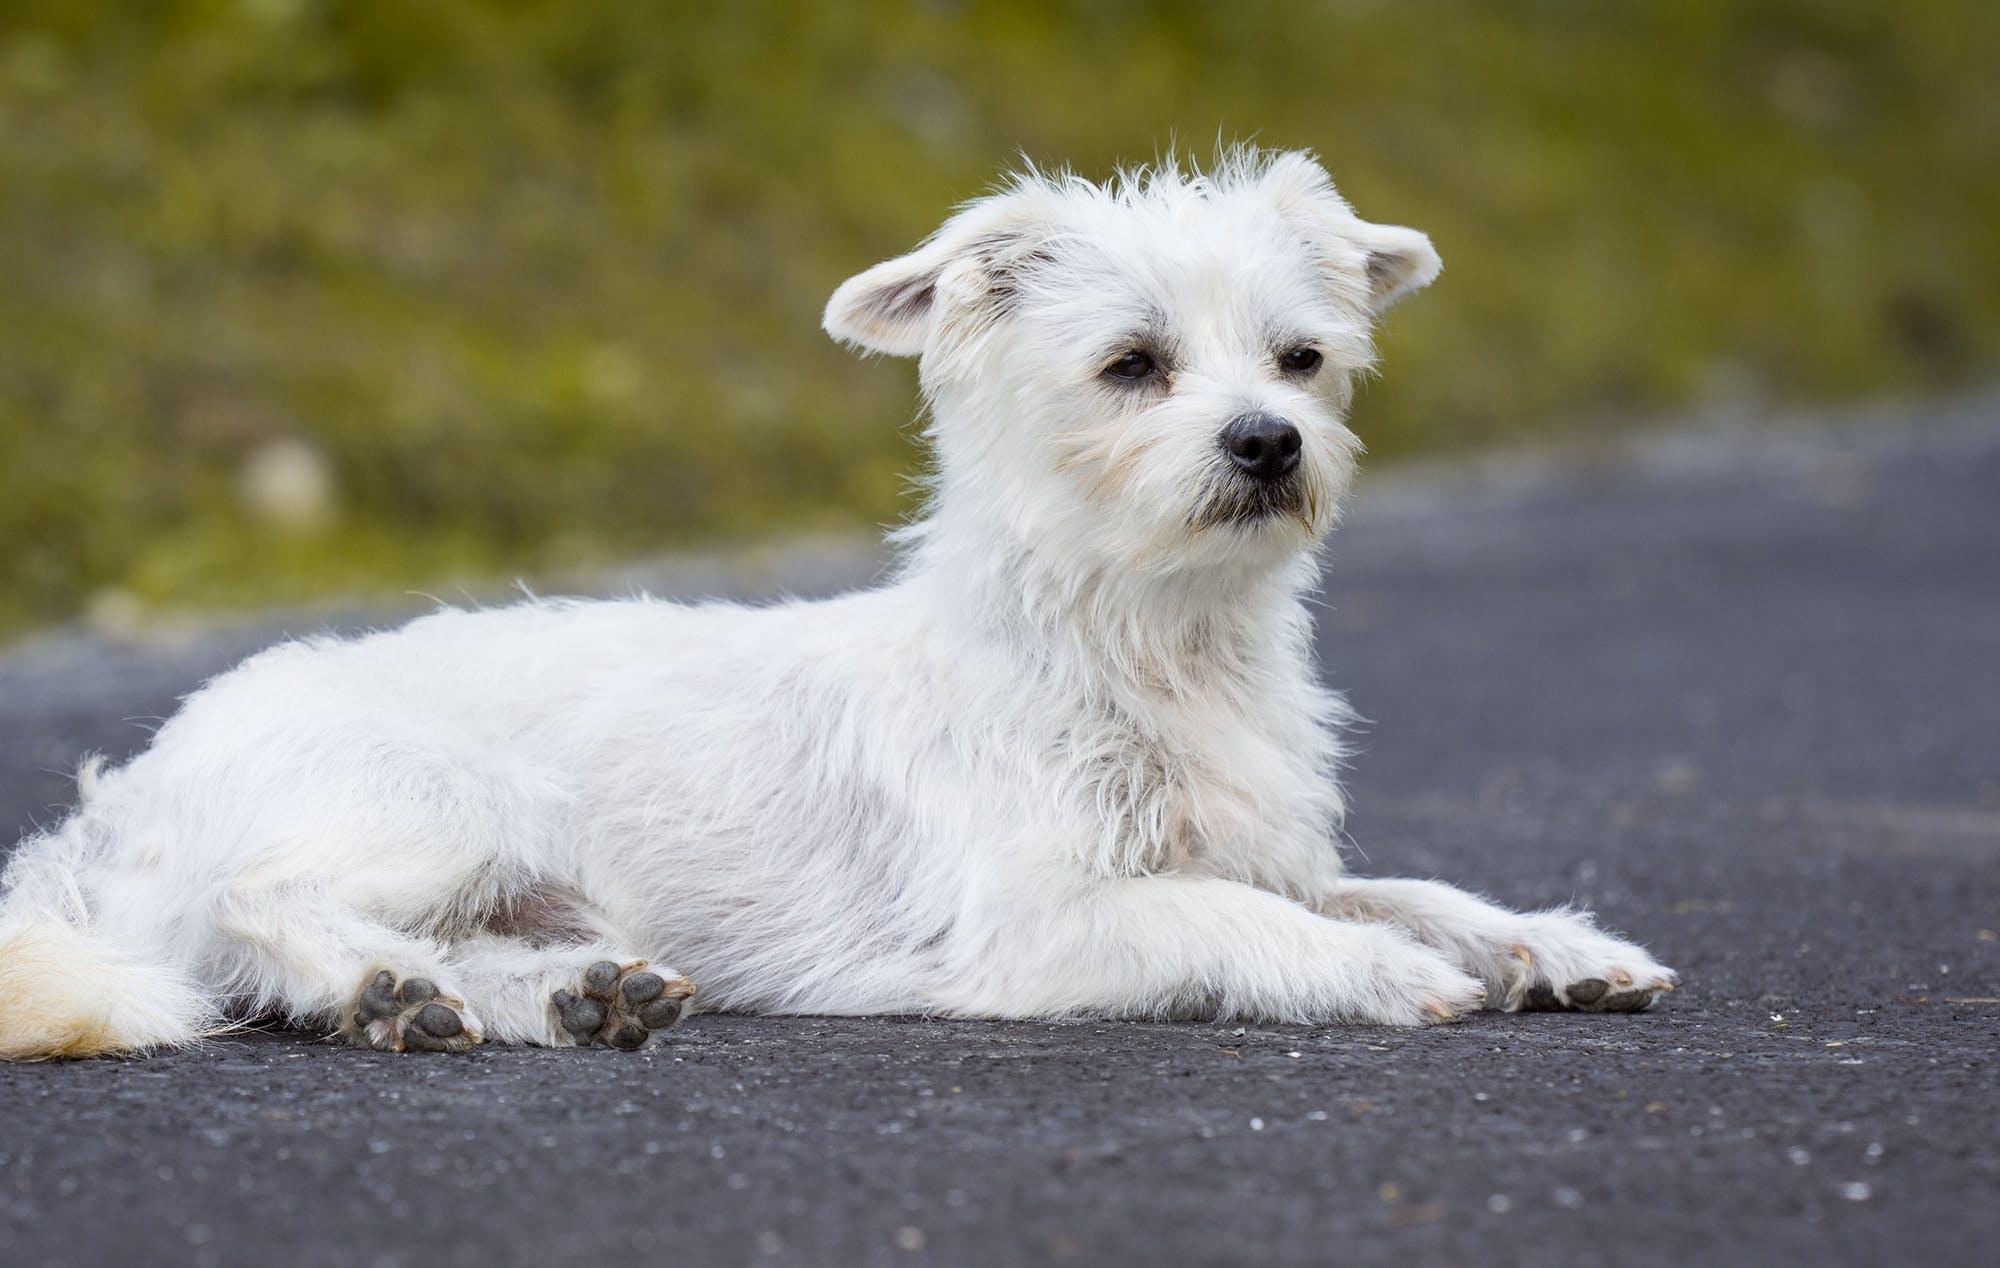 White Long Coated Dog